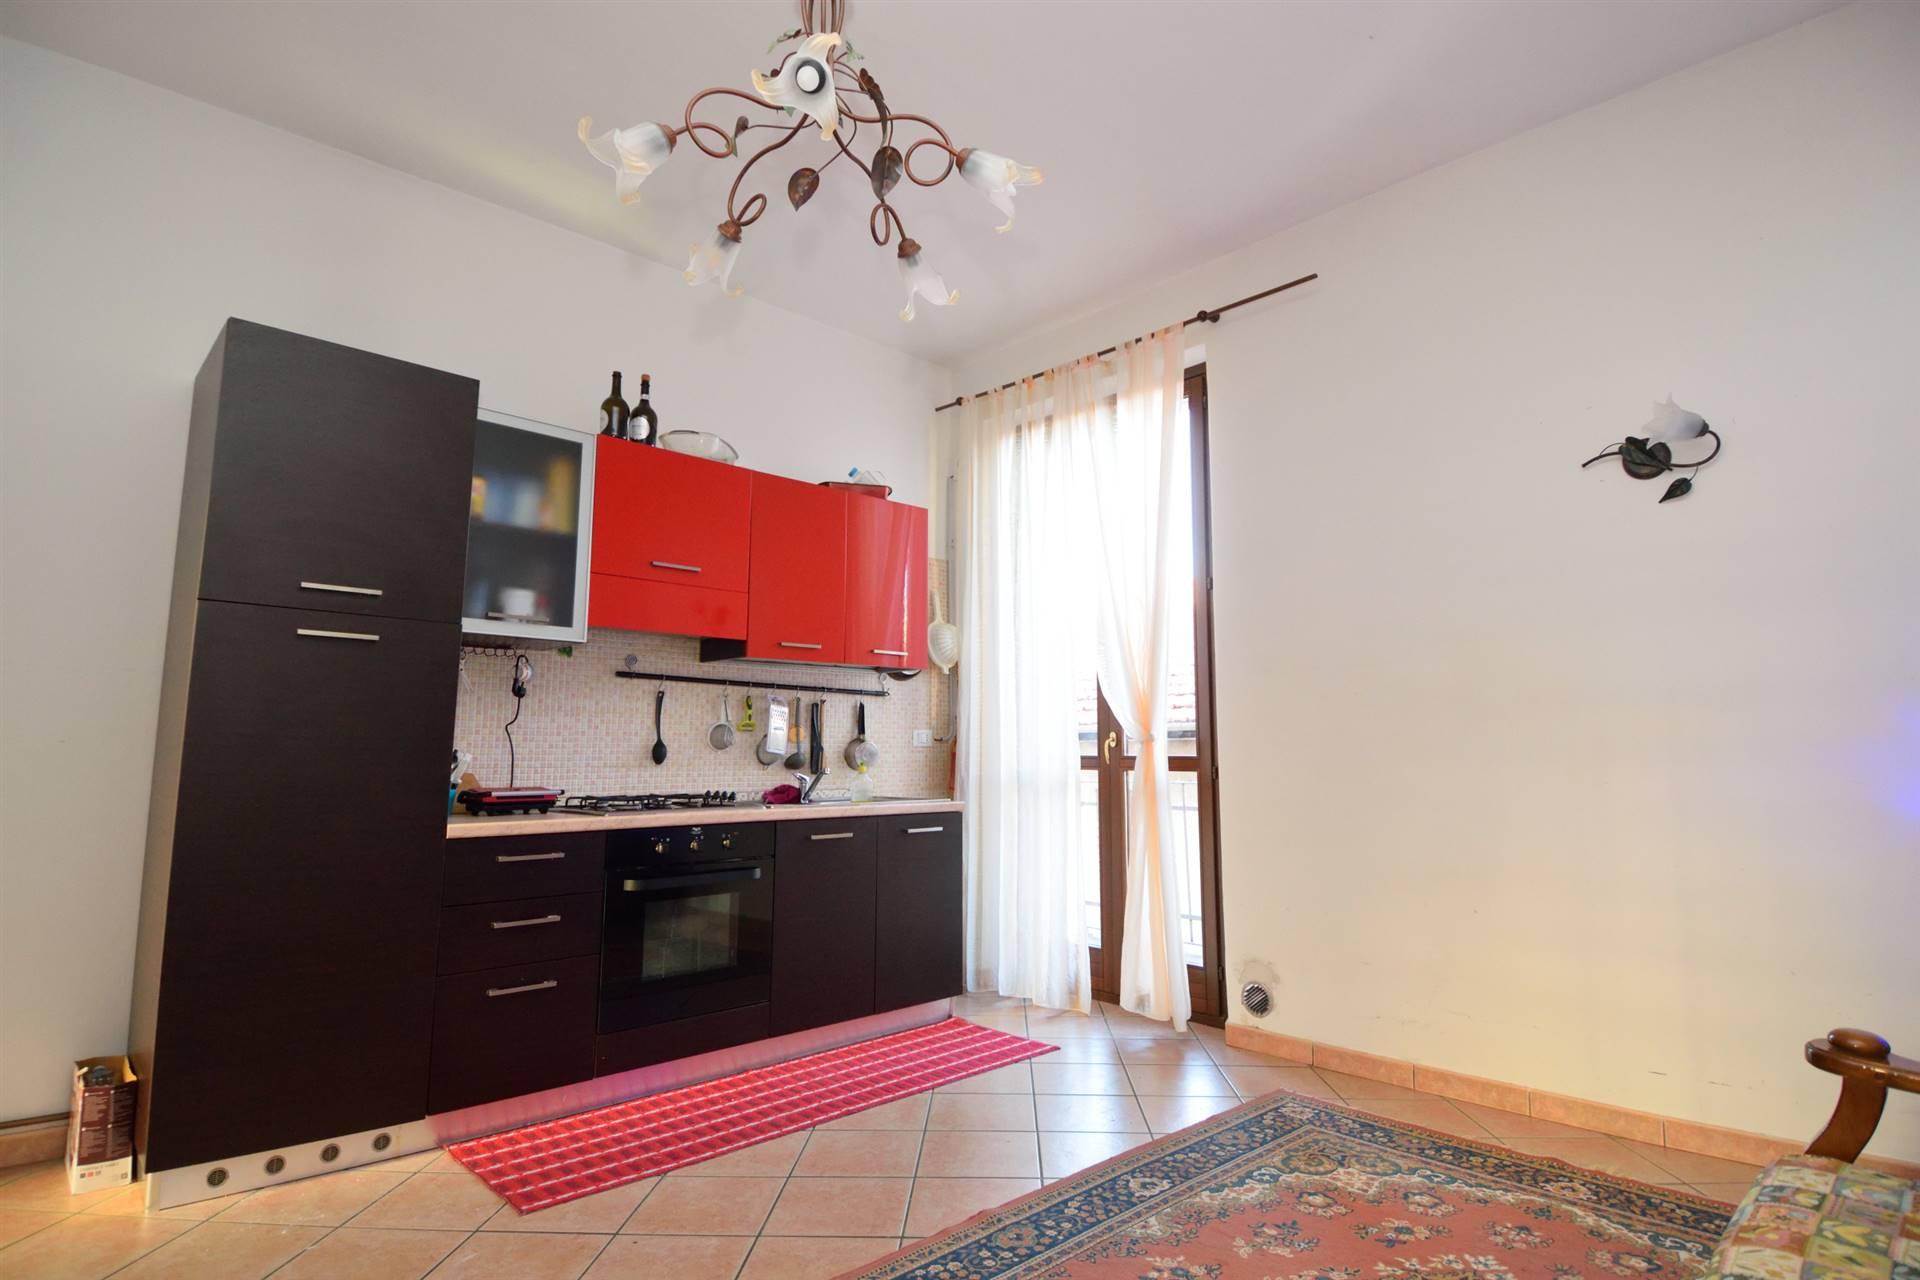 Appartamento in vendita a Biella, 4 locali, zona Località: PRESSI VIA ROSSELLI, prezzo € 85.000 | PortaleAgenzieImmobiliari.it